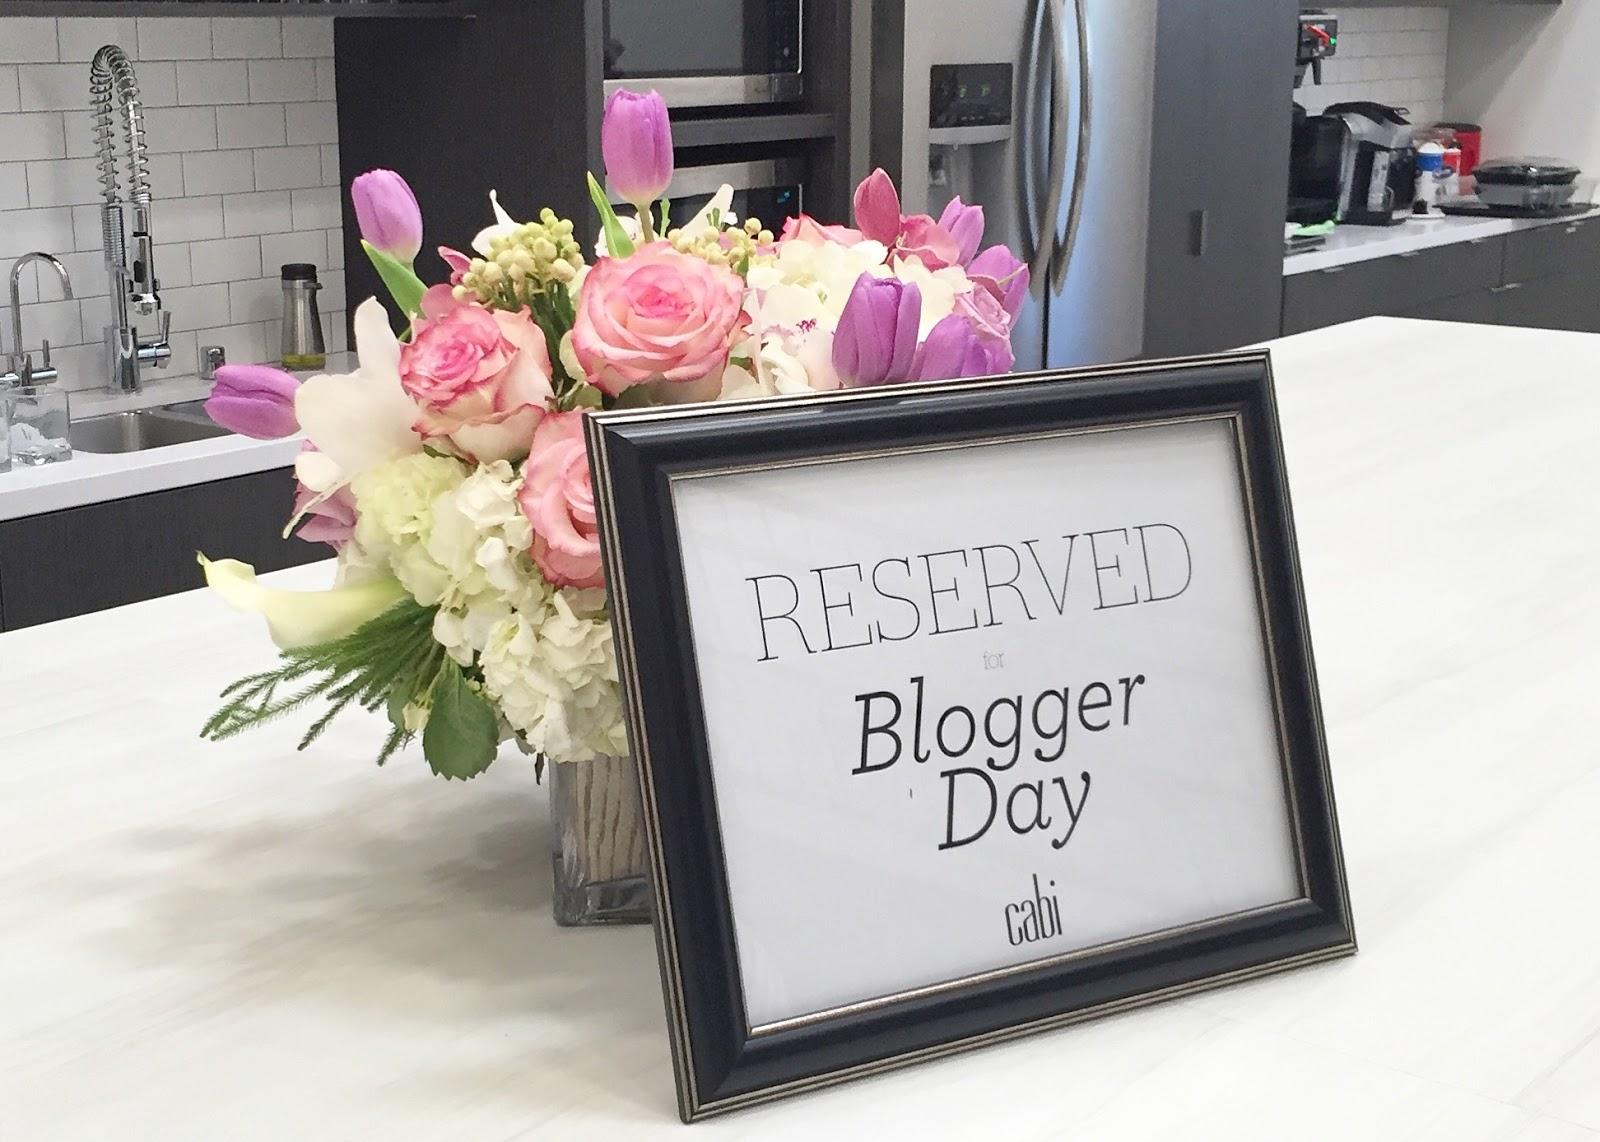 Cabi welcomes bloggers, Cabi blogger breakfast, Cabi carson california